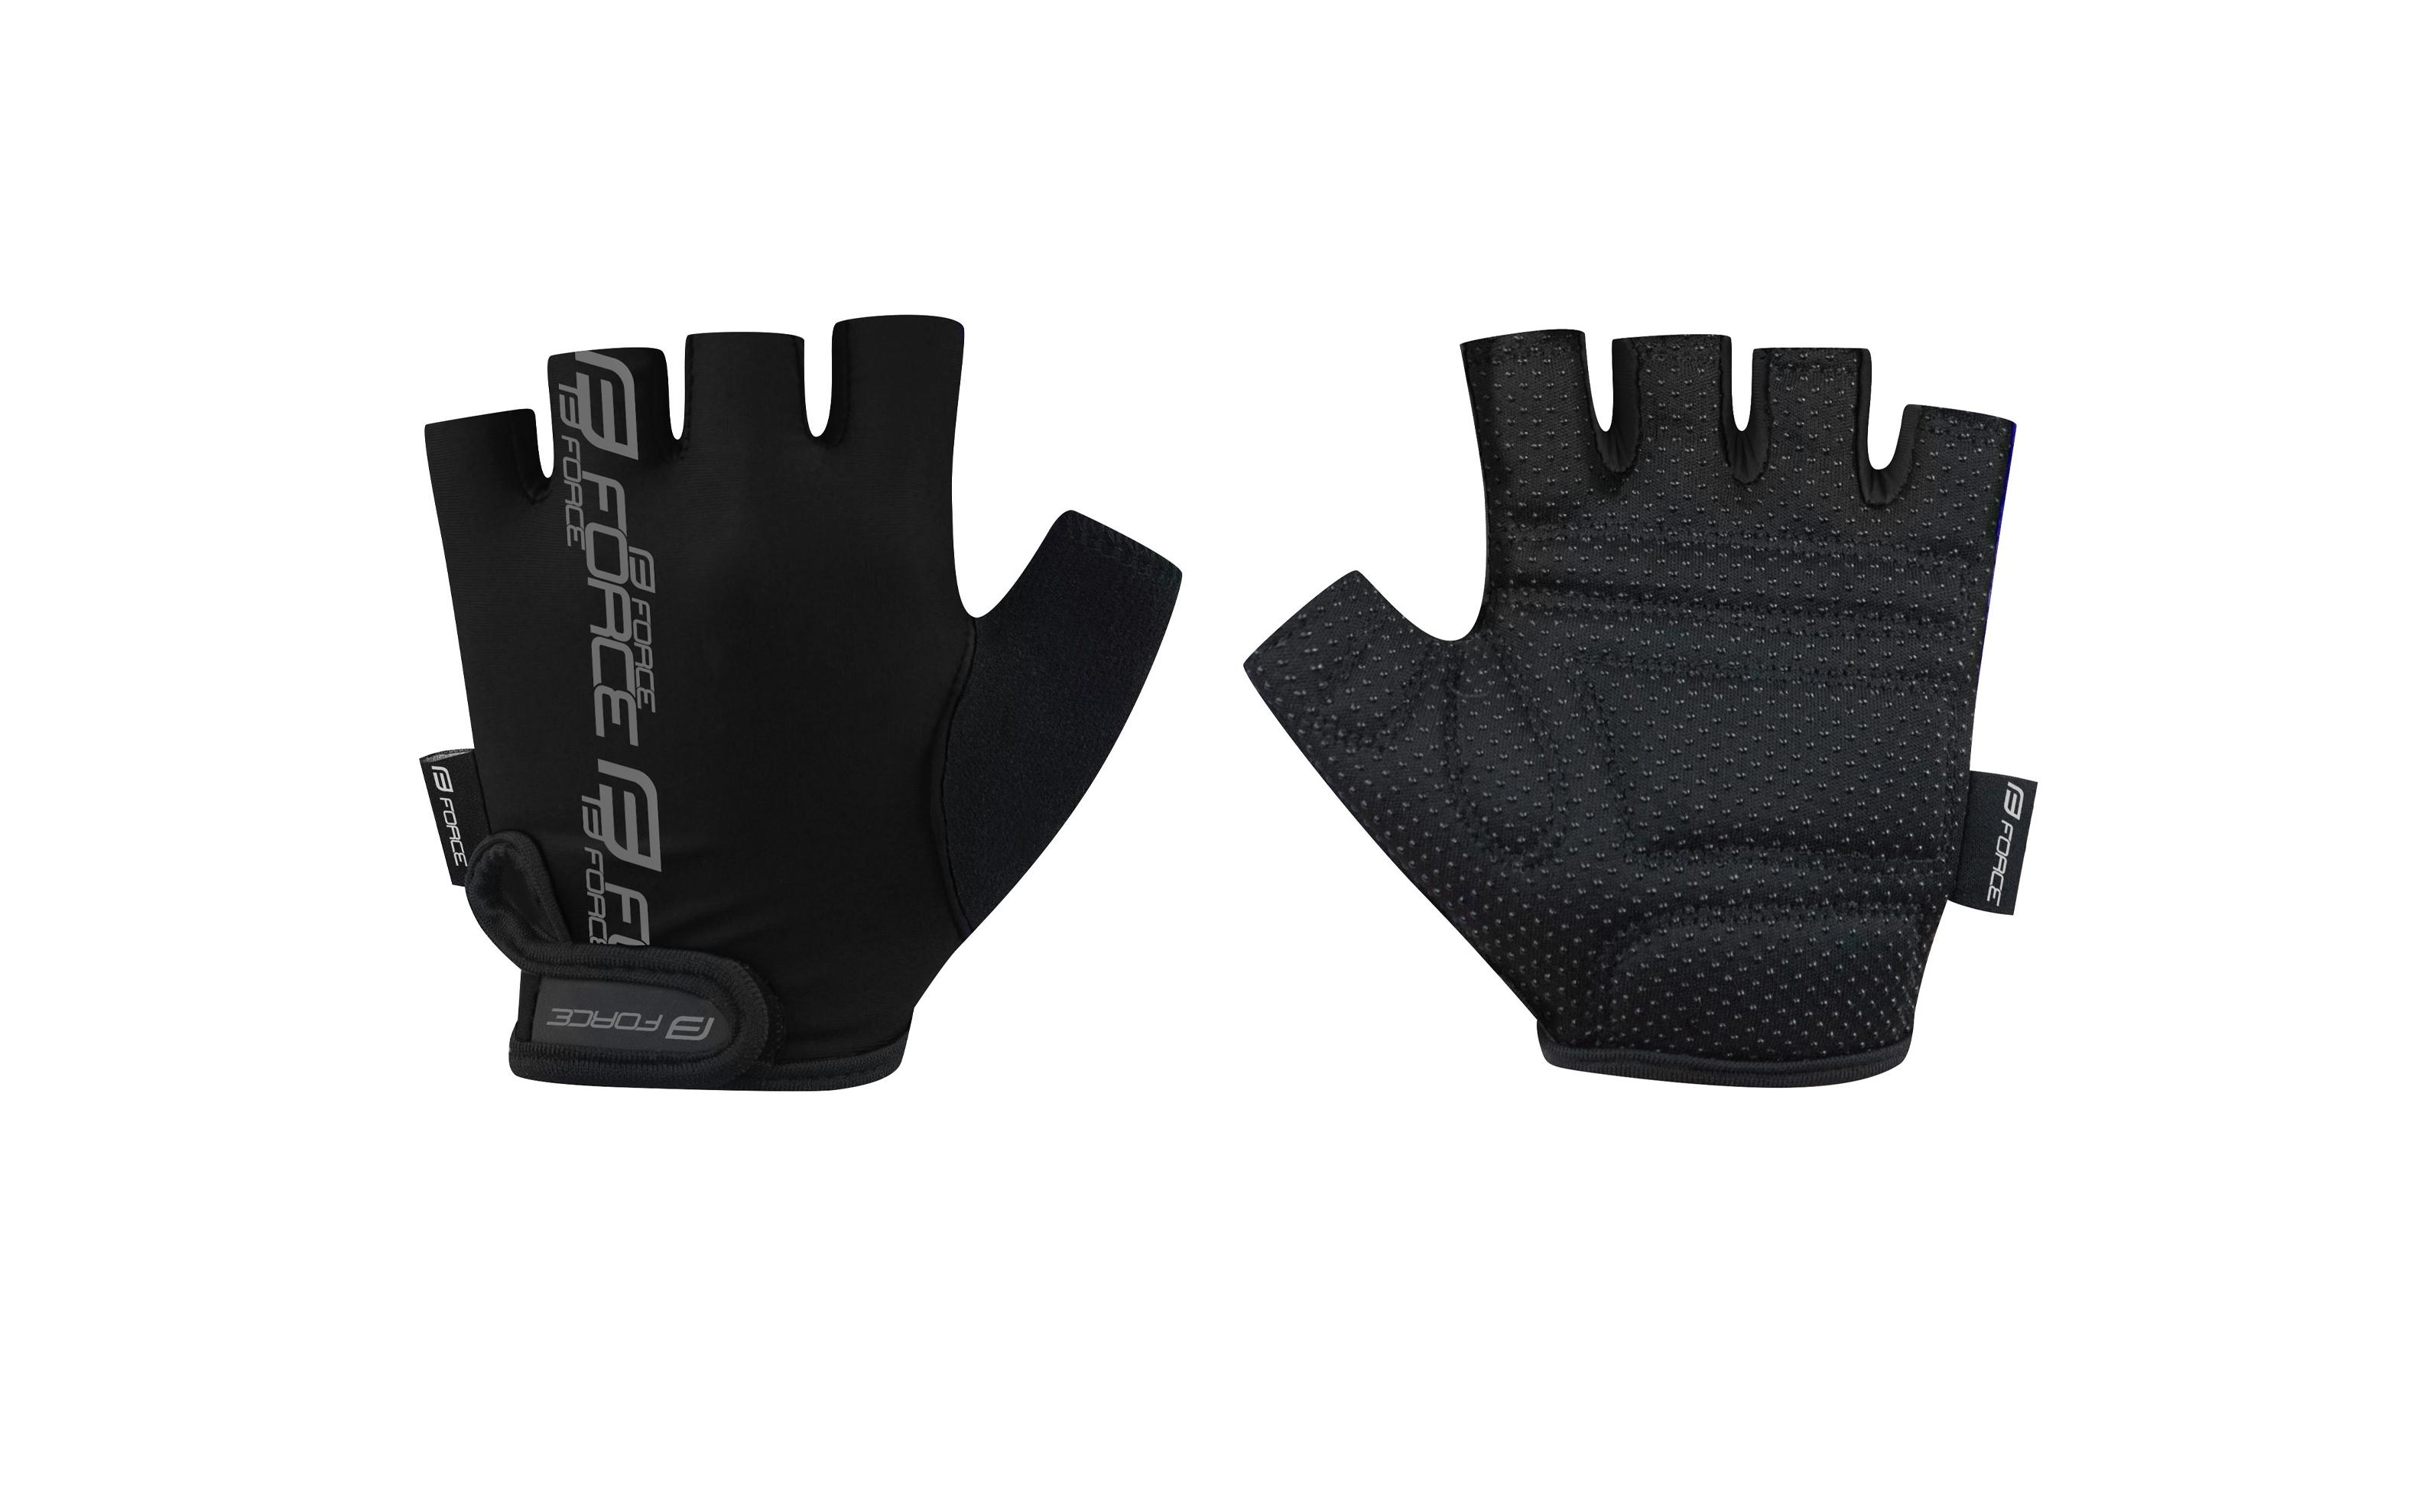 rukavice FORCE KID dětské dětské, černé L